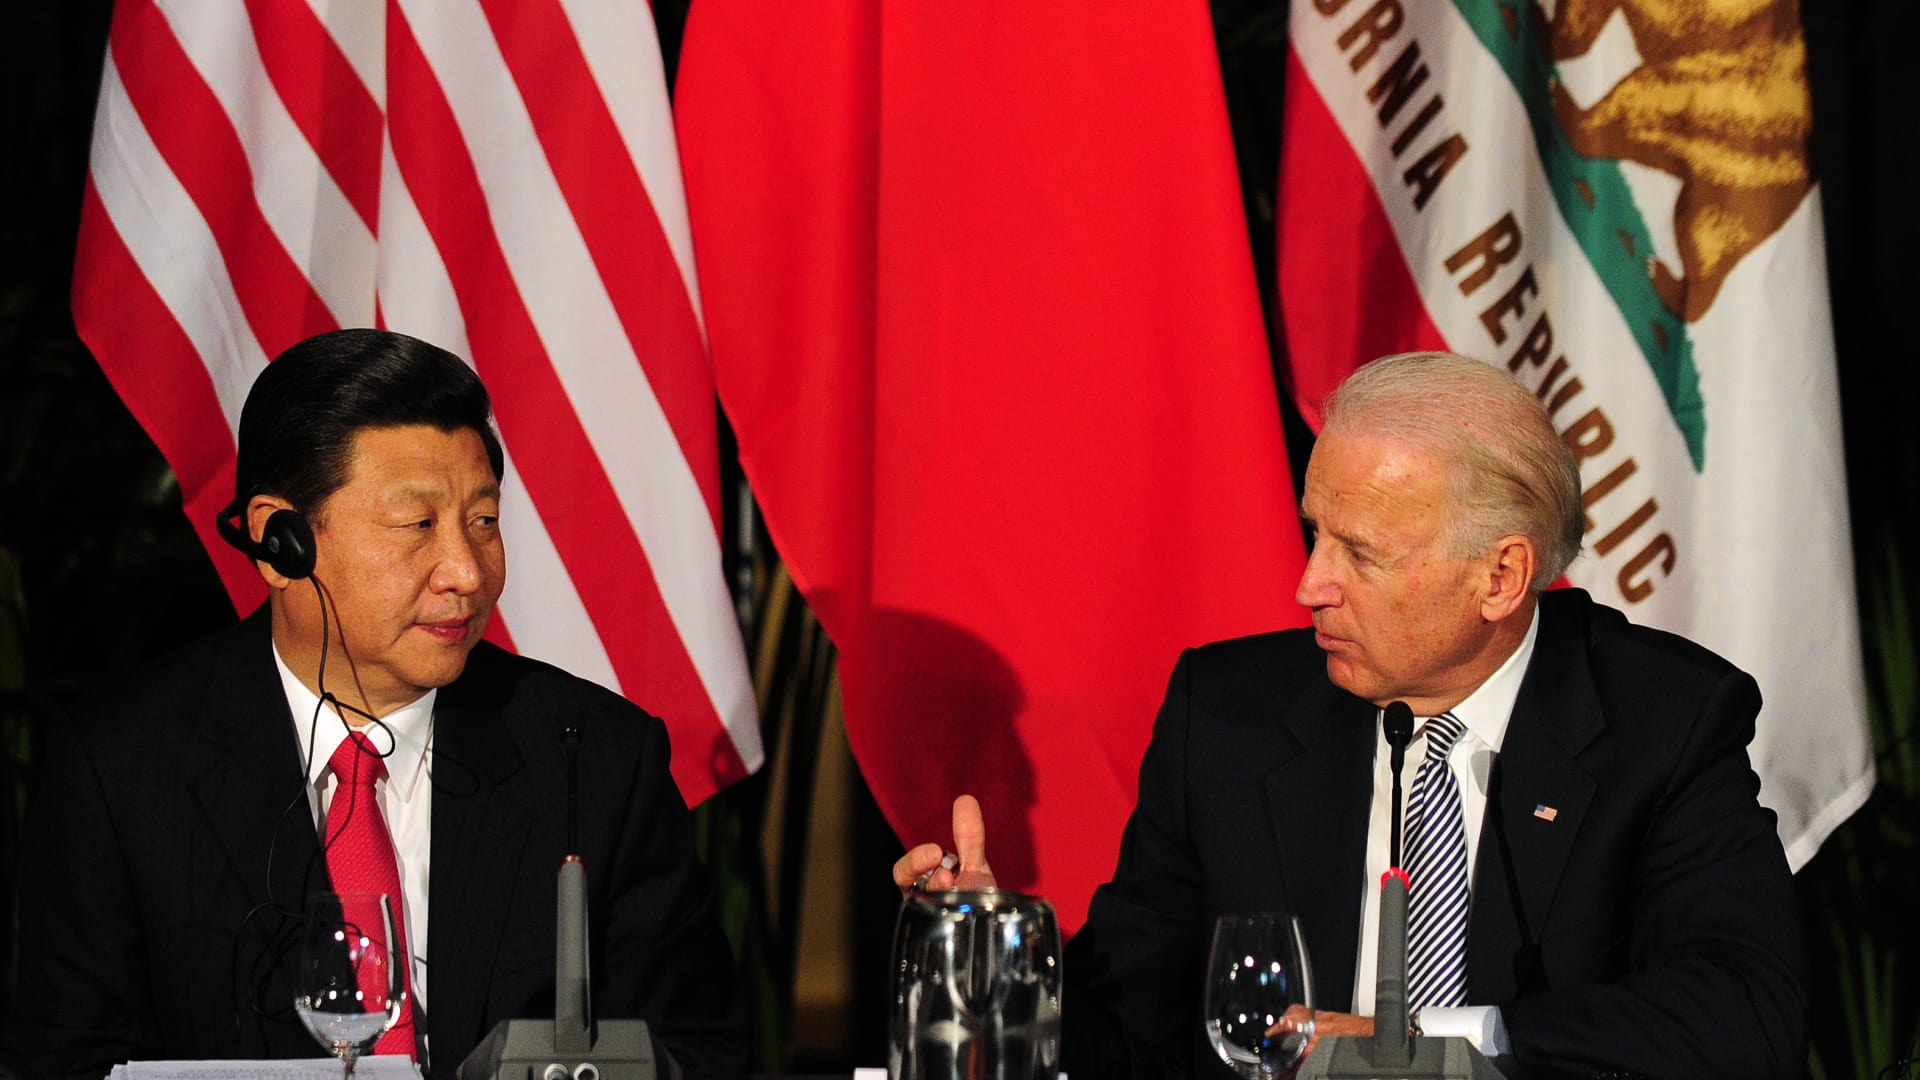 الرئيس الأمريكي جو بايدن يتحدث إلى نظيره الصيني شي جين بينغ خلال اجتماع في لوس أنجلوس، 17 فبراير 2012 في كاليفورنيا.